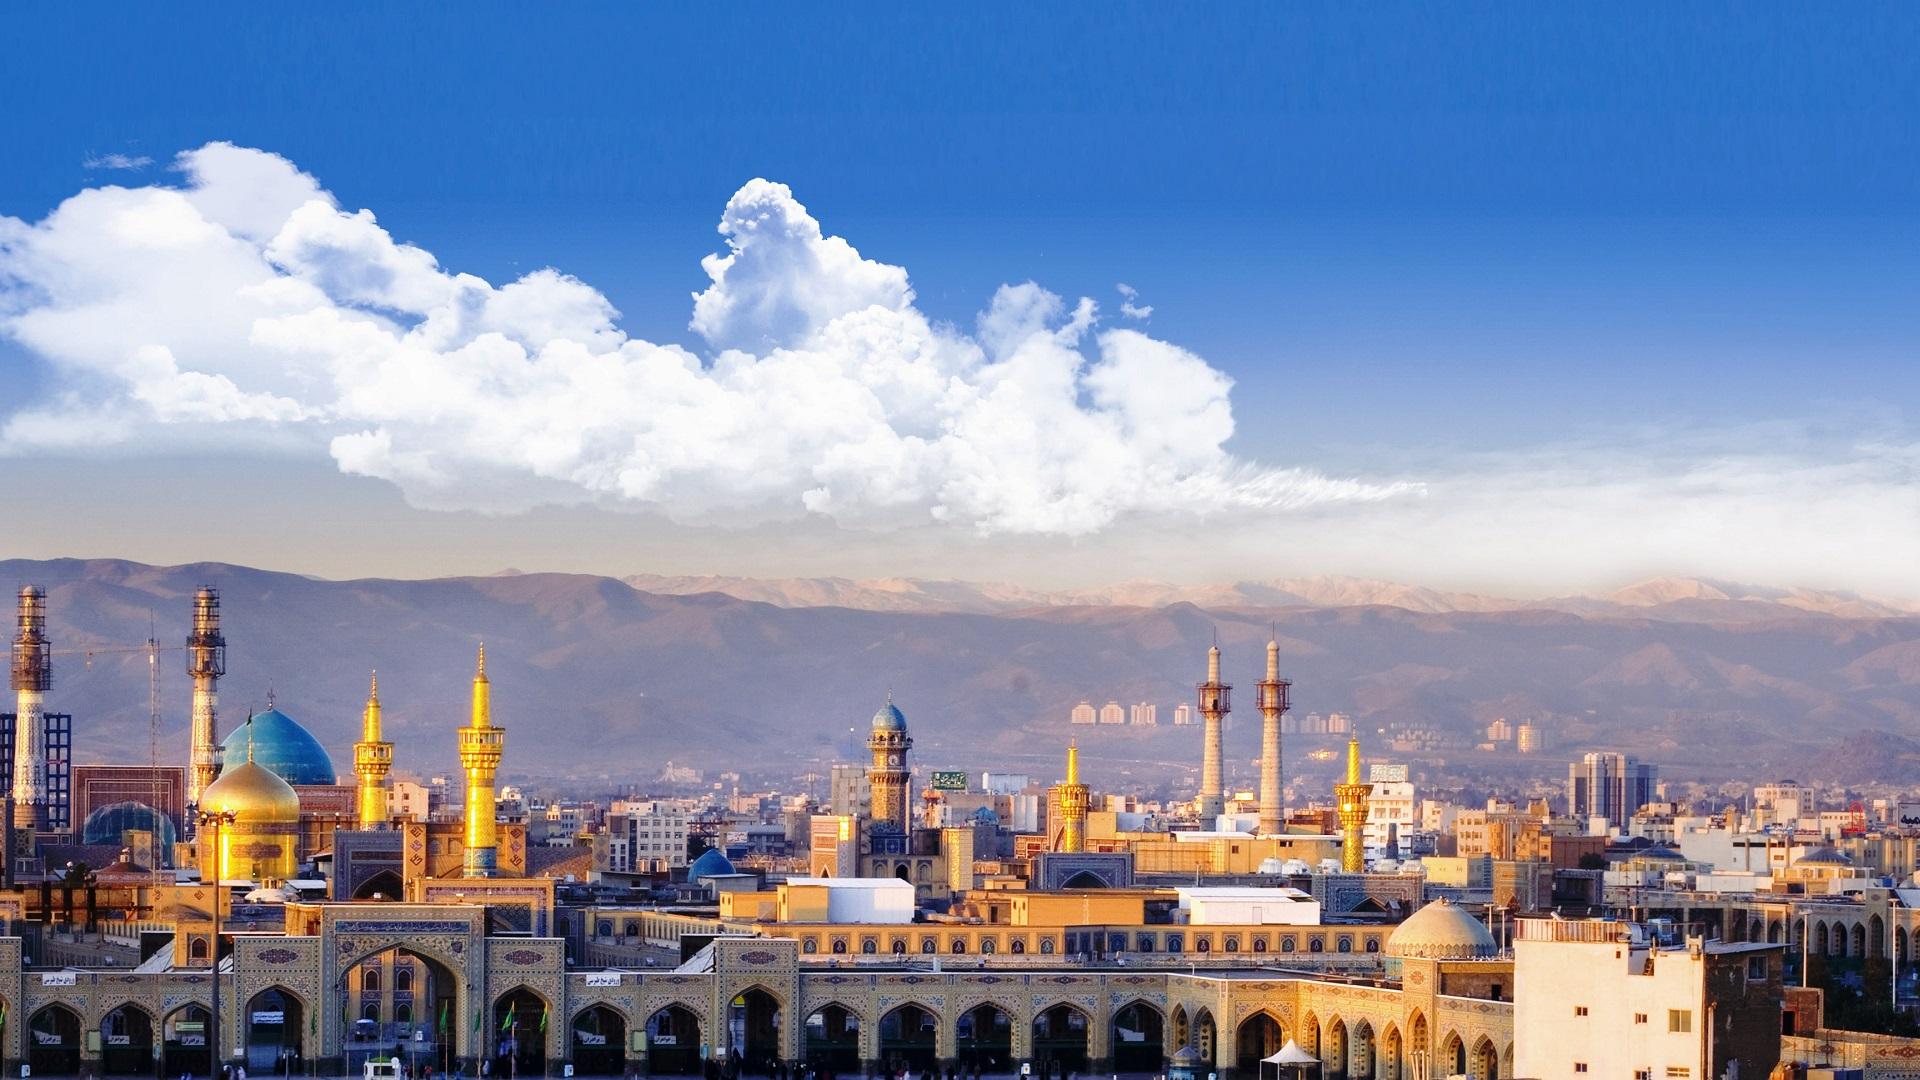 مشهد بهترین شهرهای ایران برای خرید کردن